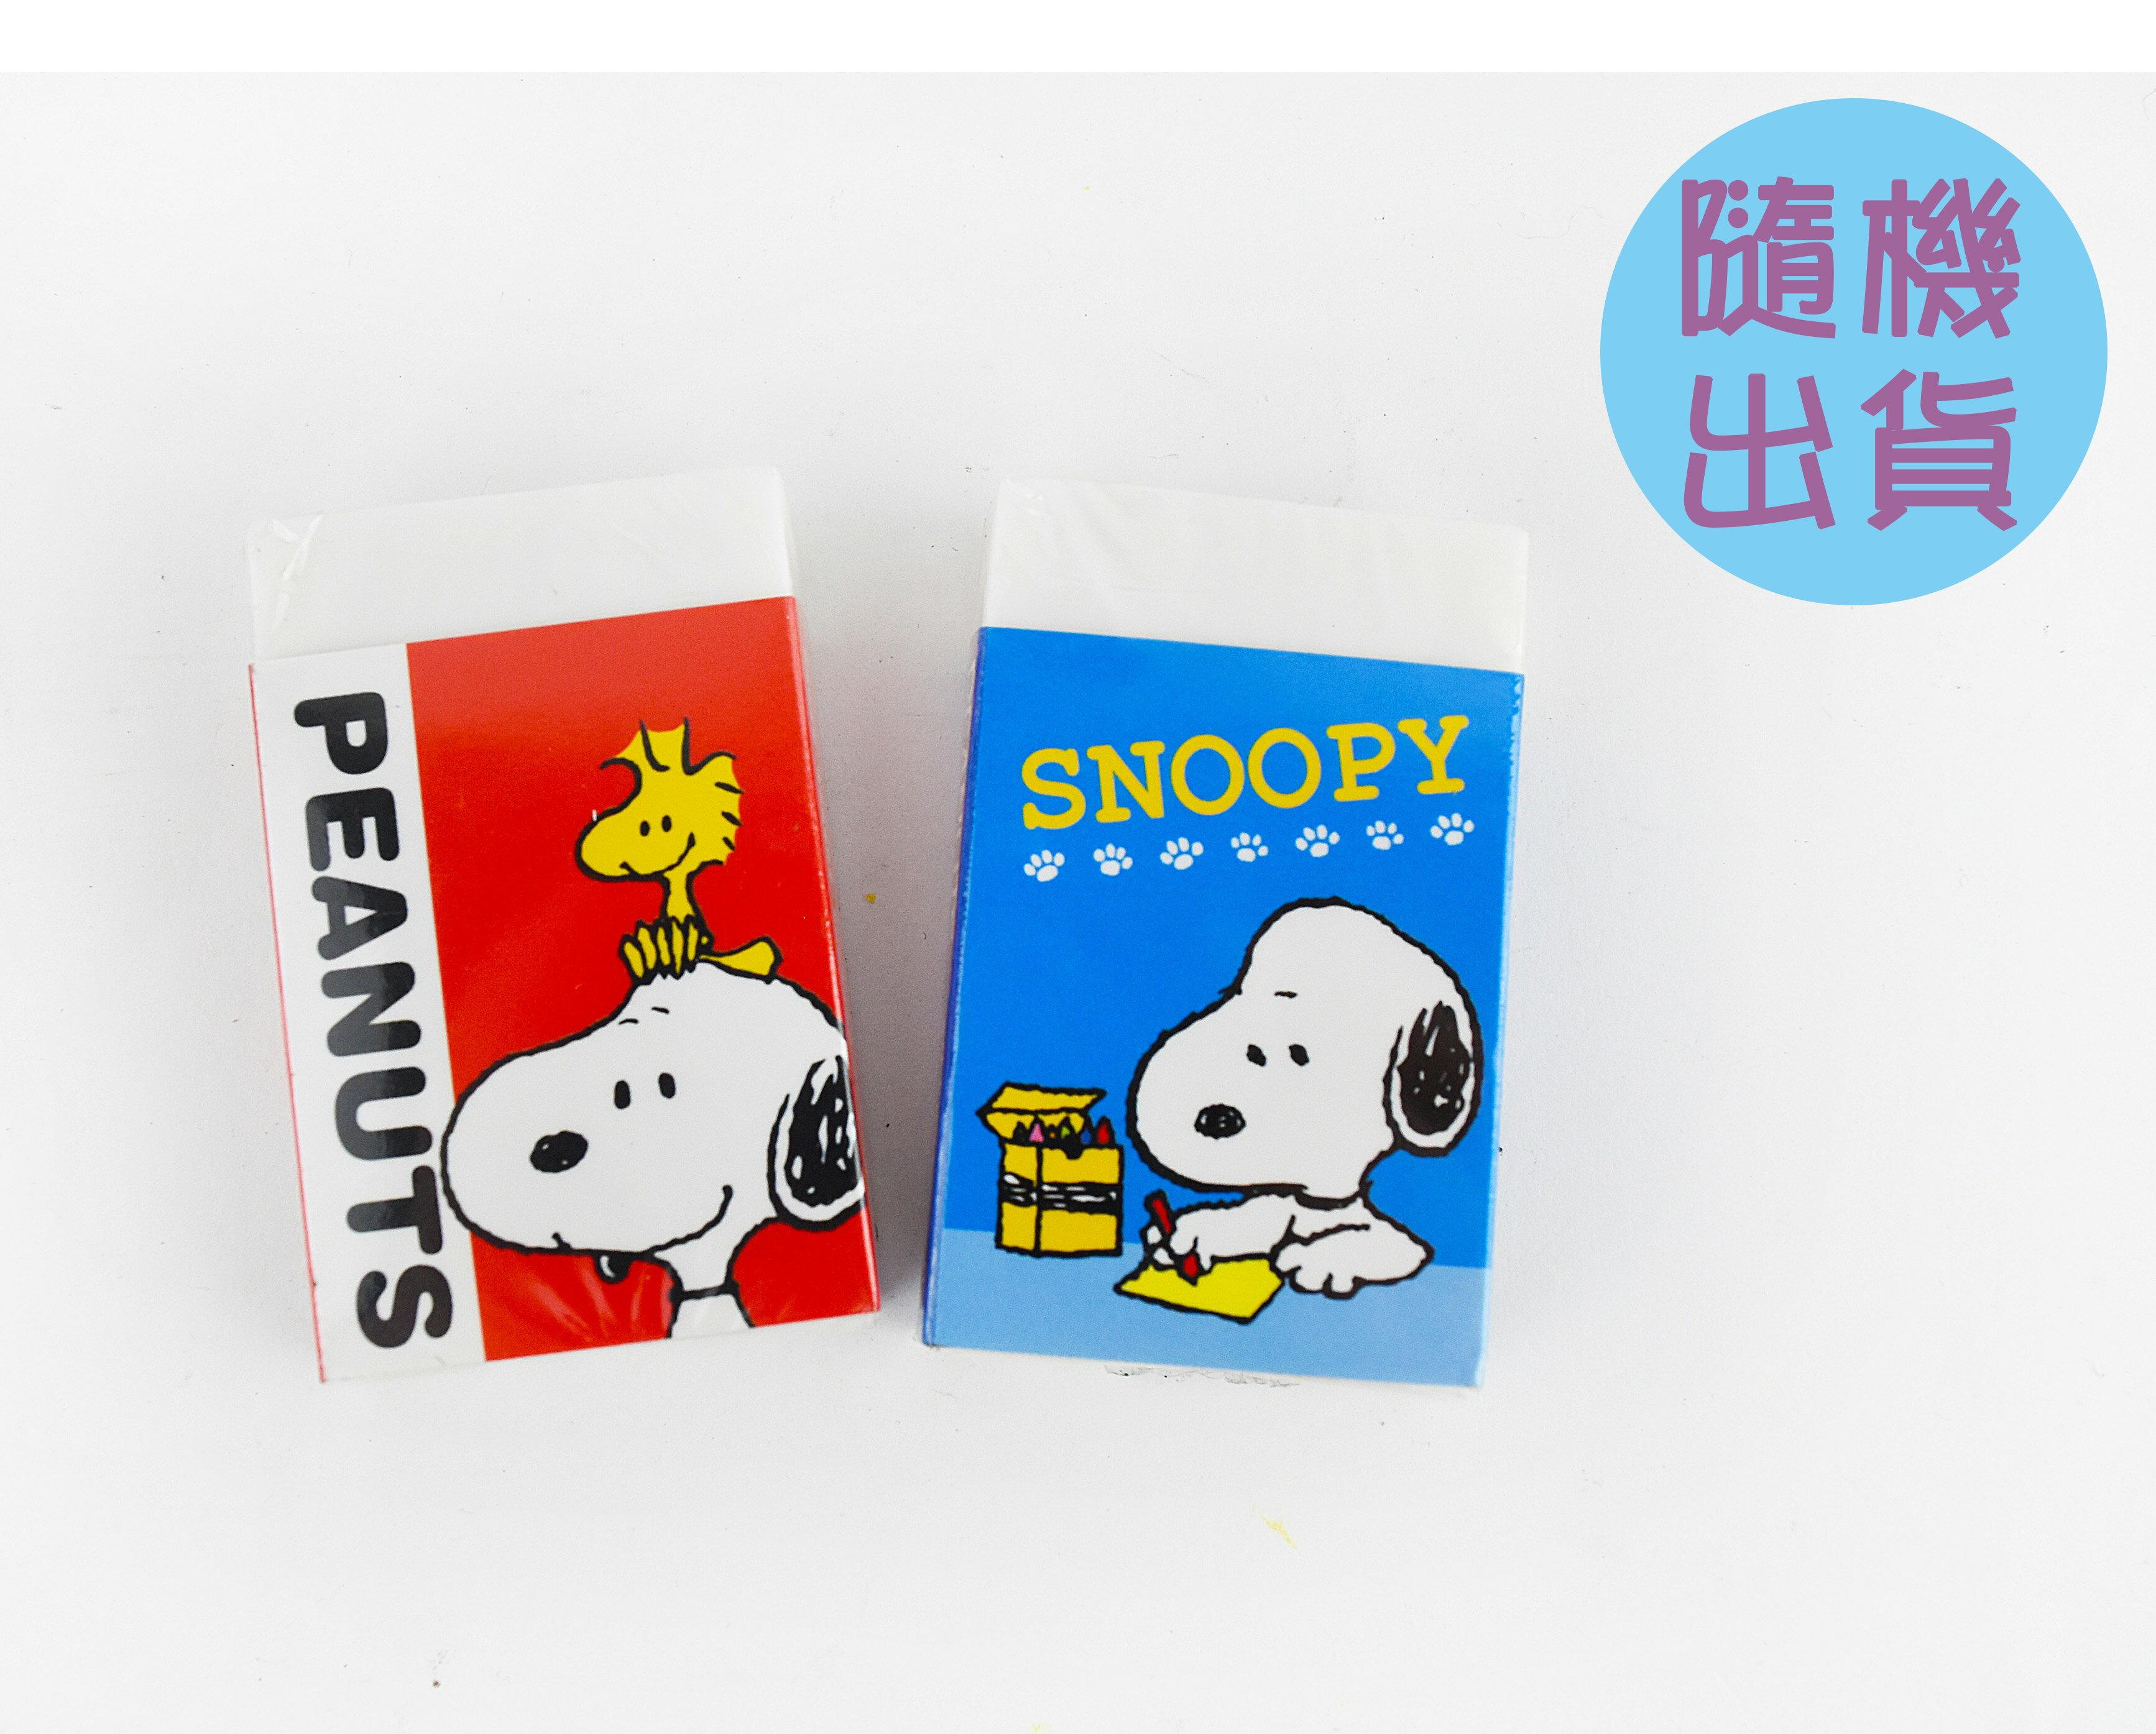 X射線【C040442】史奴比 橡皮擦,Snoopy/文具/學生用品/開學/兒童節/送禮/寫字修正